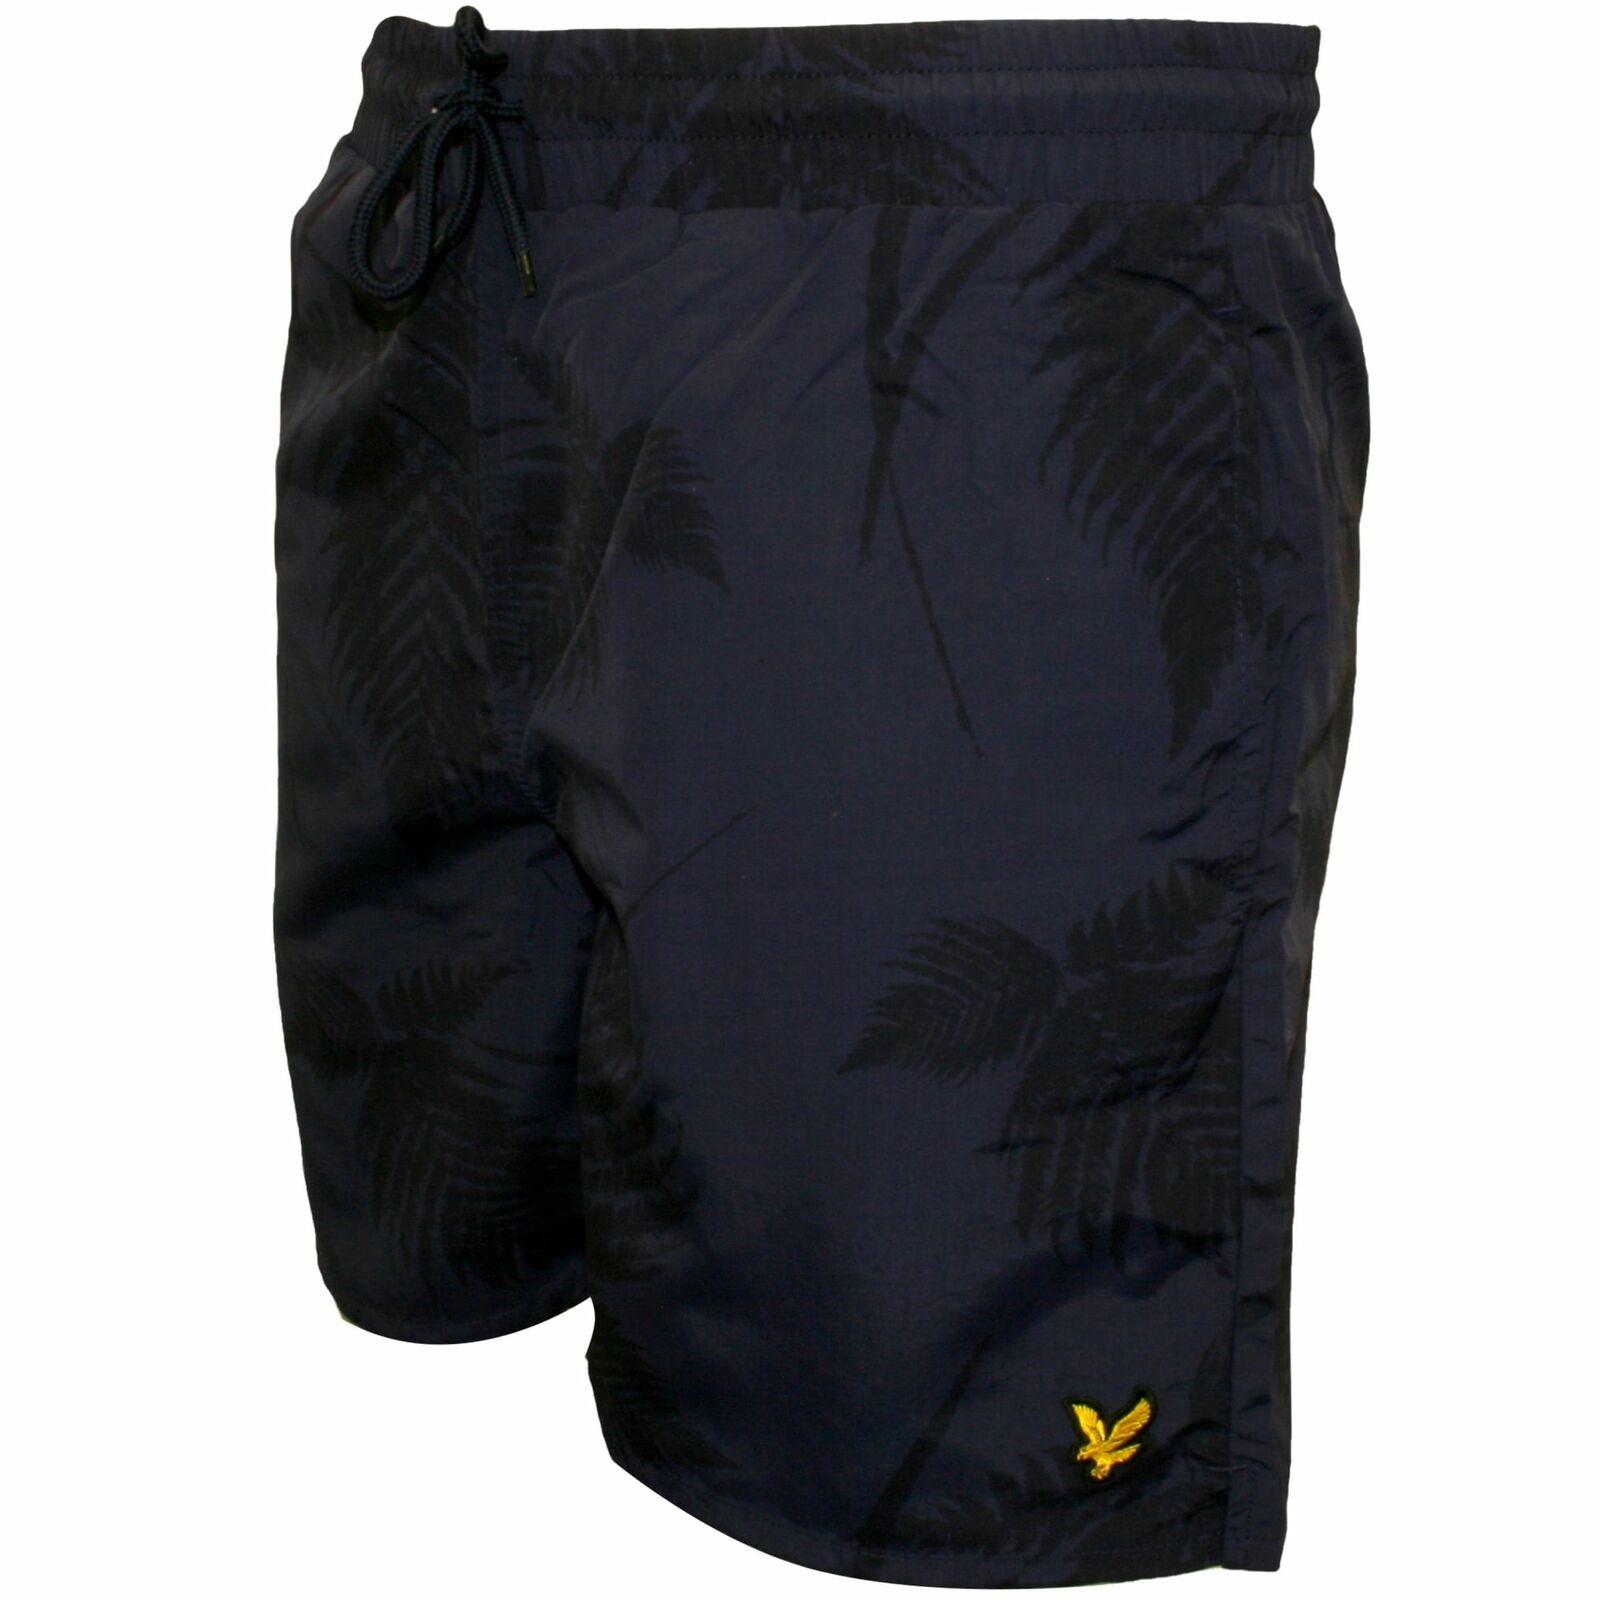 Lyle & Scott Fern Print Men's Swim Shorts, Navy